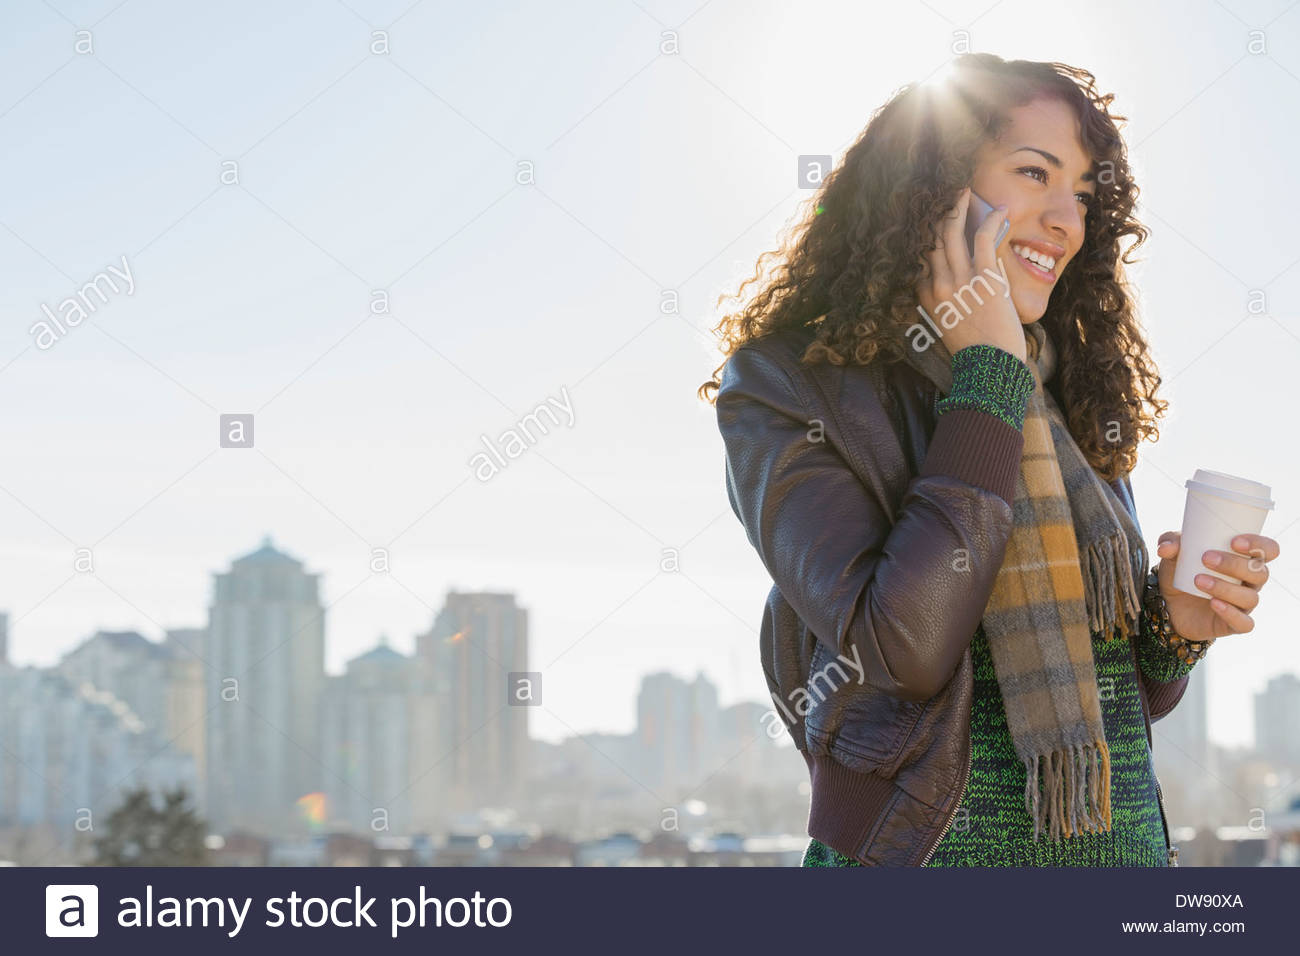 Mujer sonriente Contestar teléfono inteligente contra el paisaje urbano Imagen De Stock